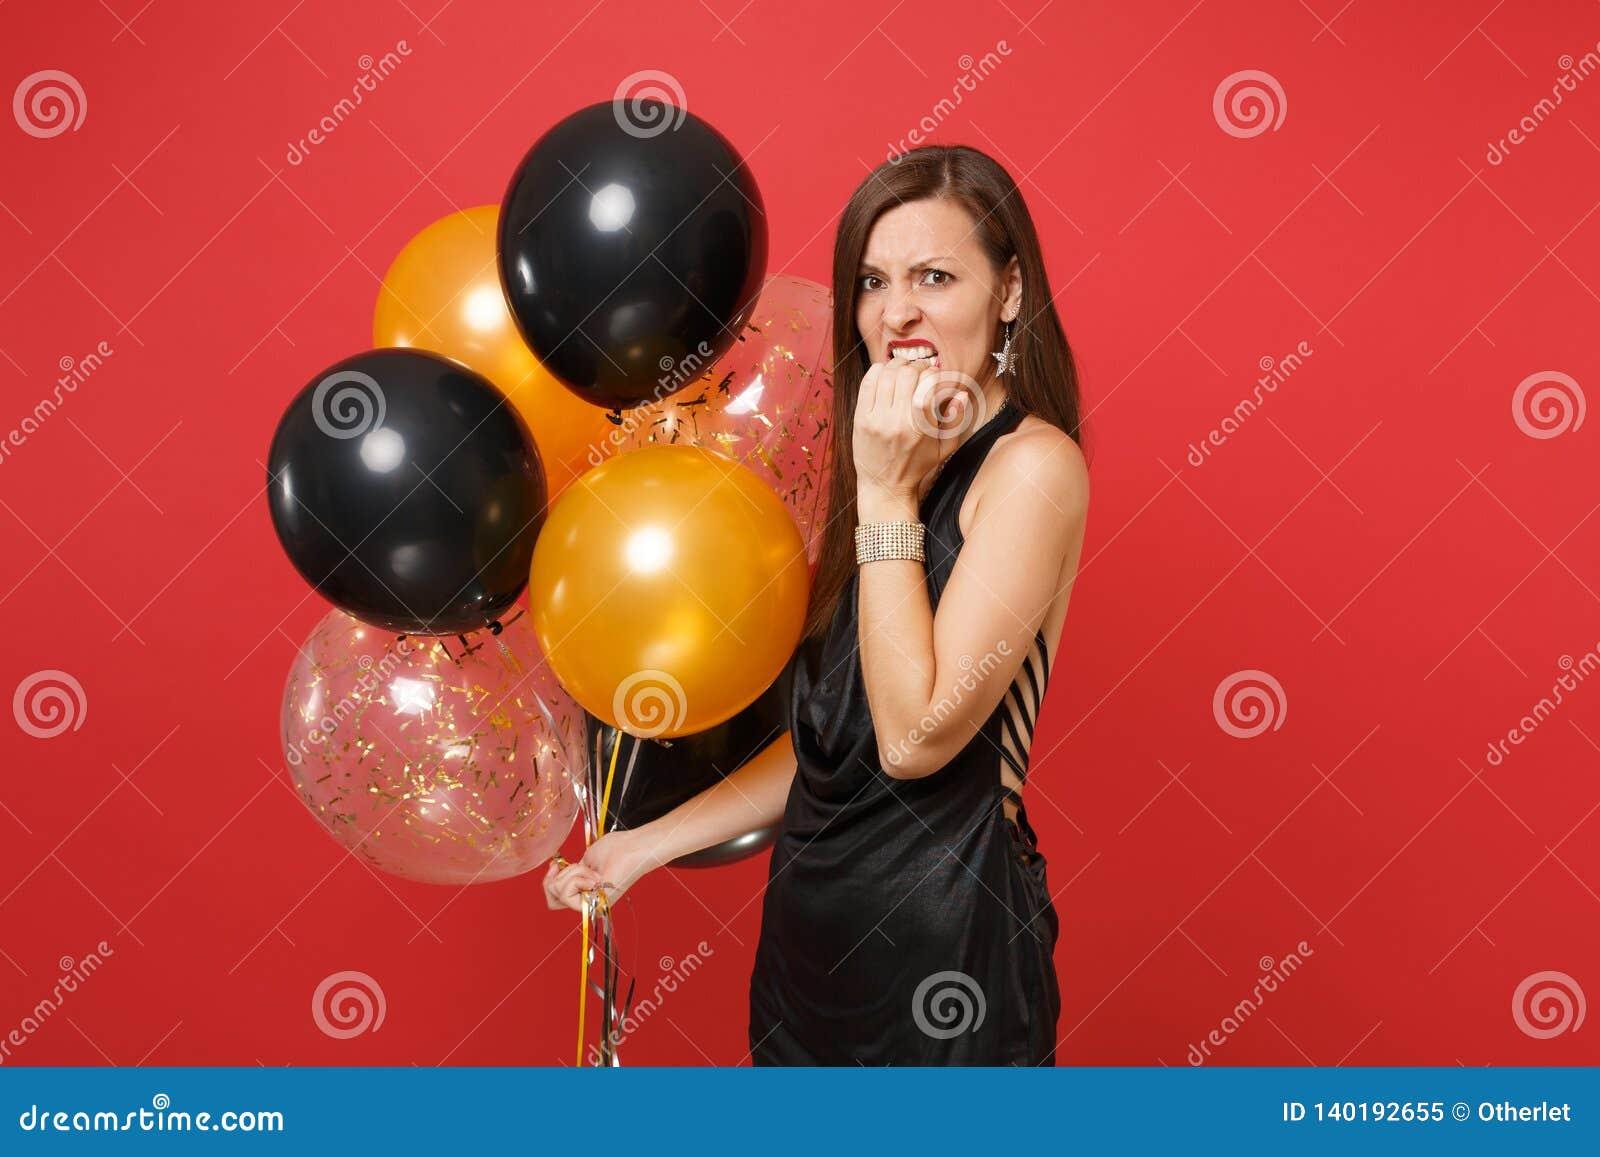 Die Irritated unbefriedigte Frau im schwarzen Kleid feiern Griffluftballone Finger, die Nägel an Hand zerfressend, die auf Rot lo